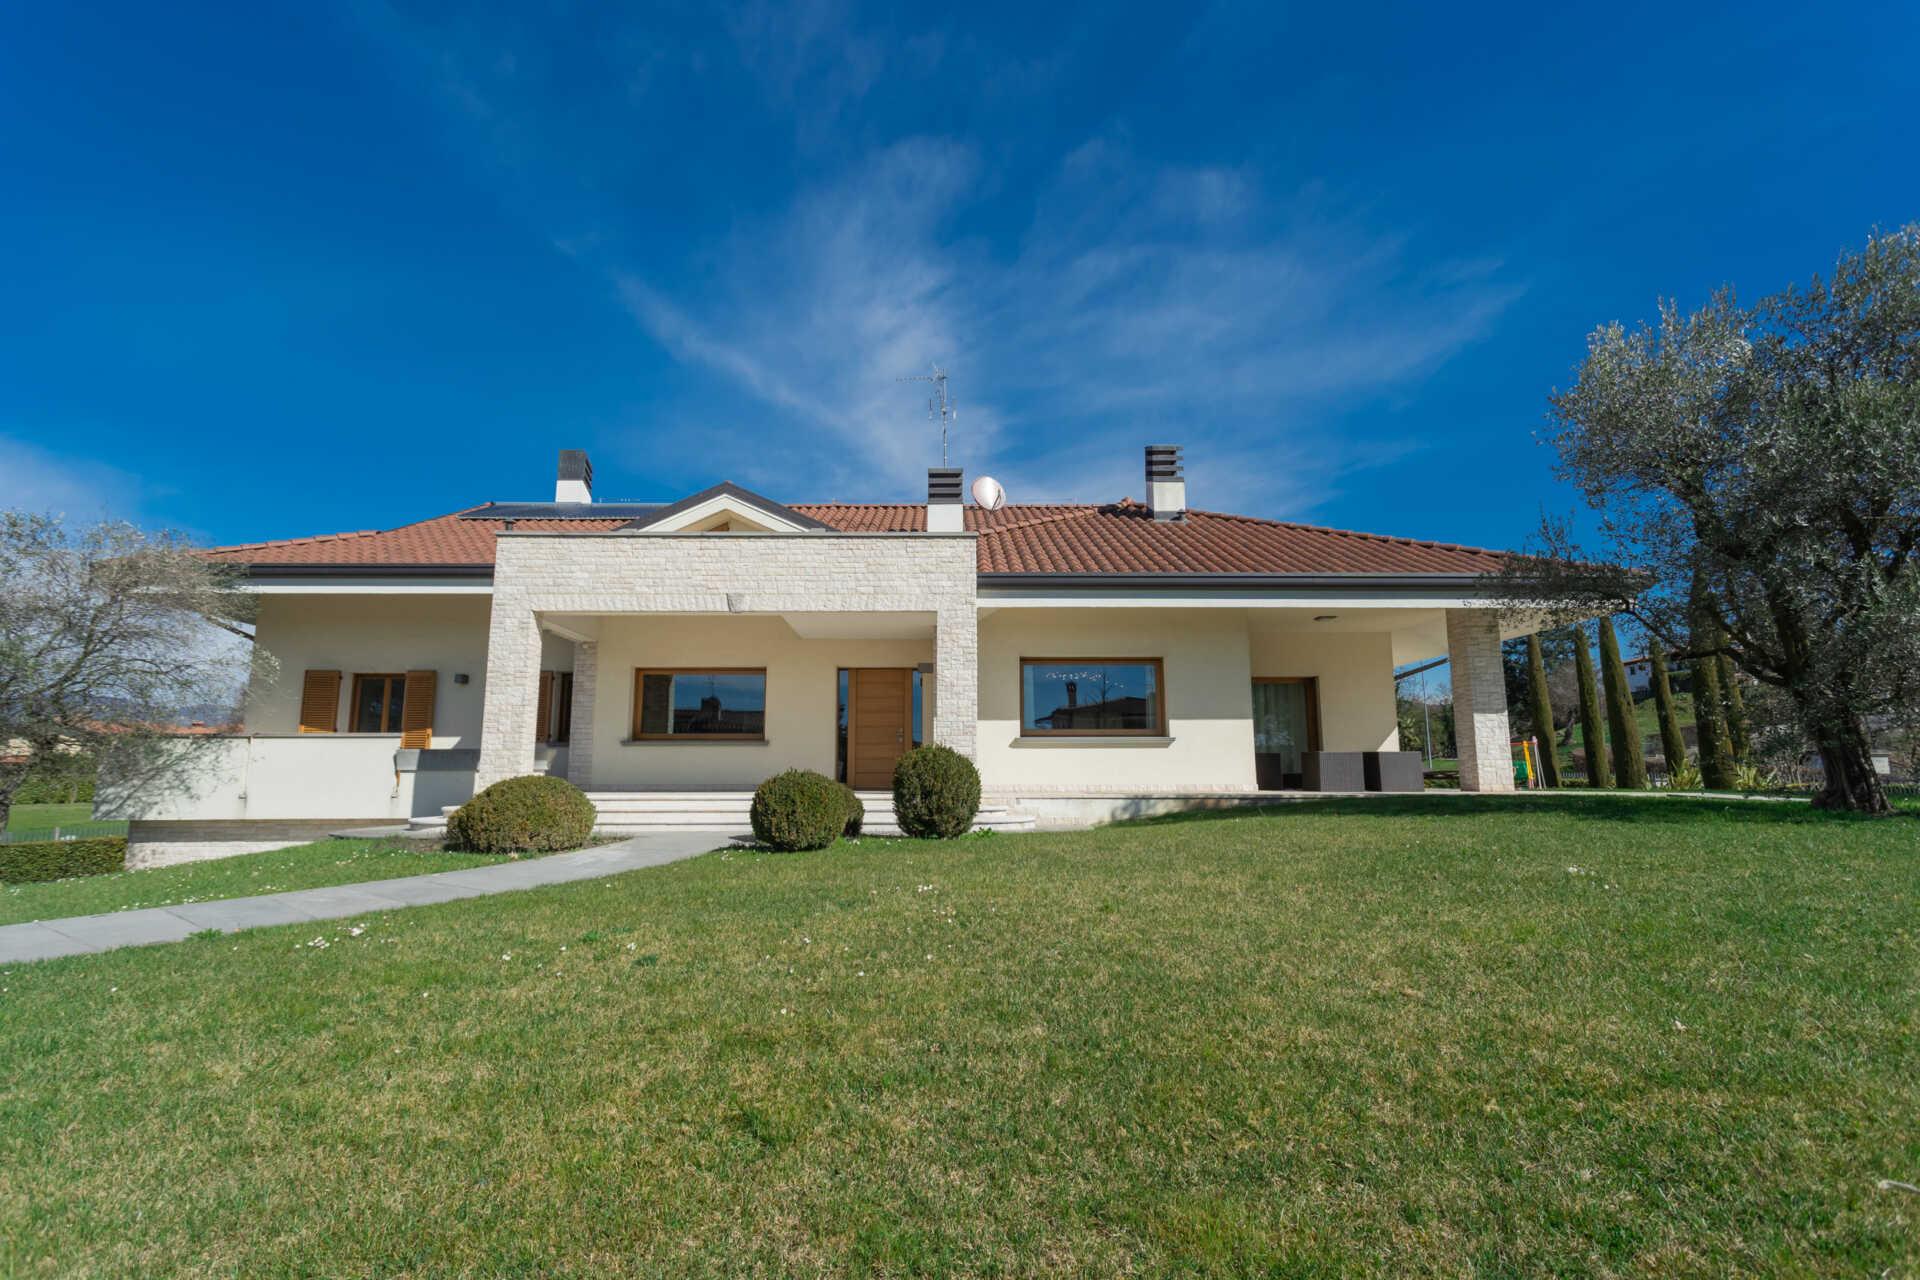 7 consigli per comprare una villa in Brianza senza perdere tempo